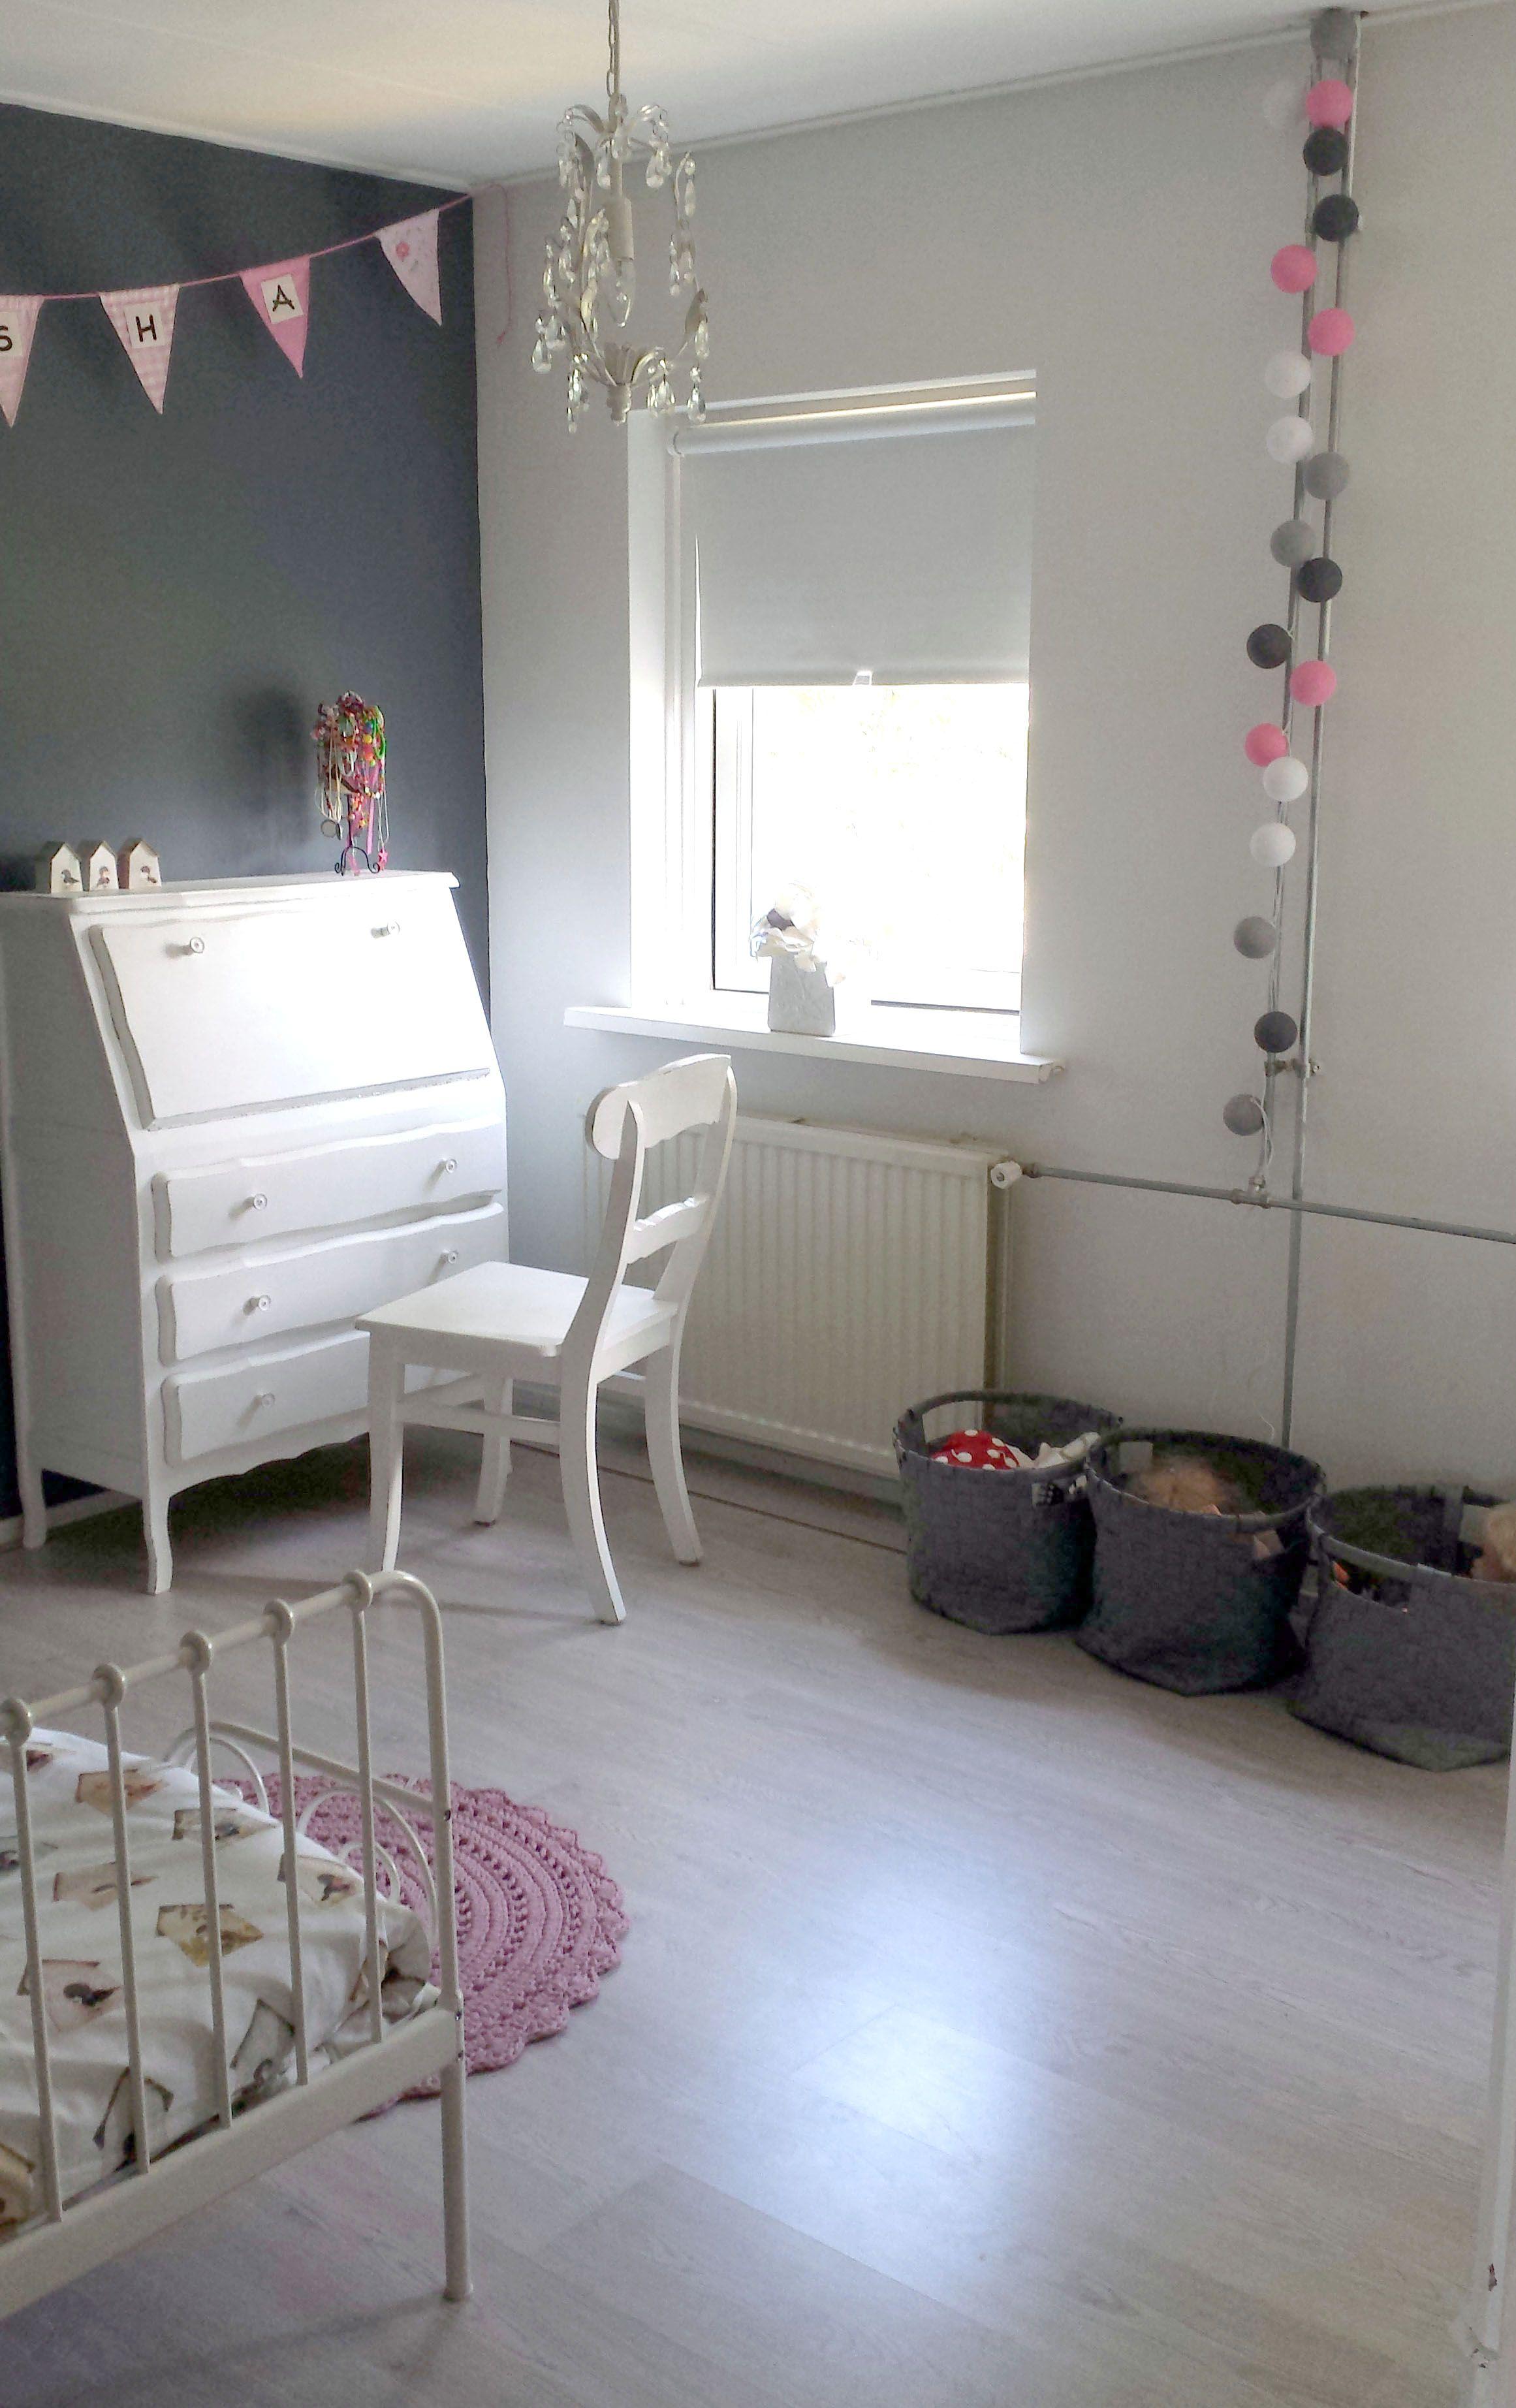 Meisjeskamer slaapkamer van mijn dochter 4 5 grijze wand gehaakt kleed debedovertrek - Kamer in rood en grijs ...